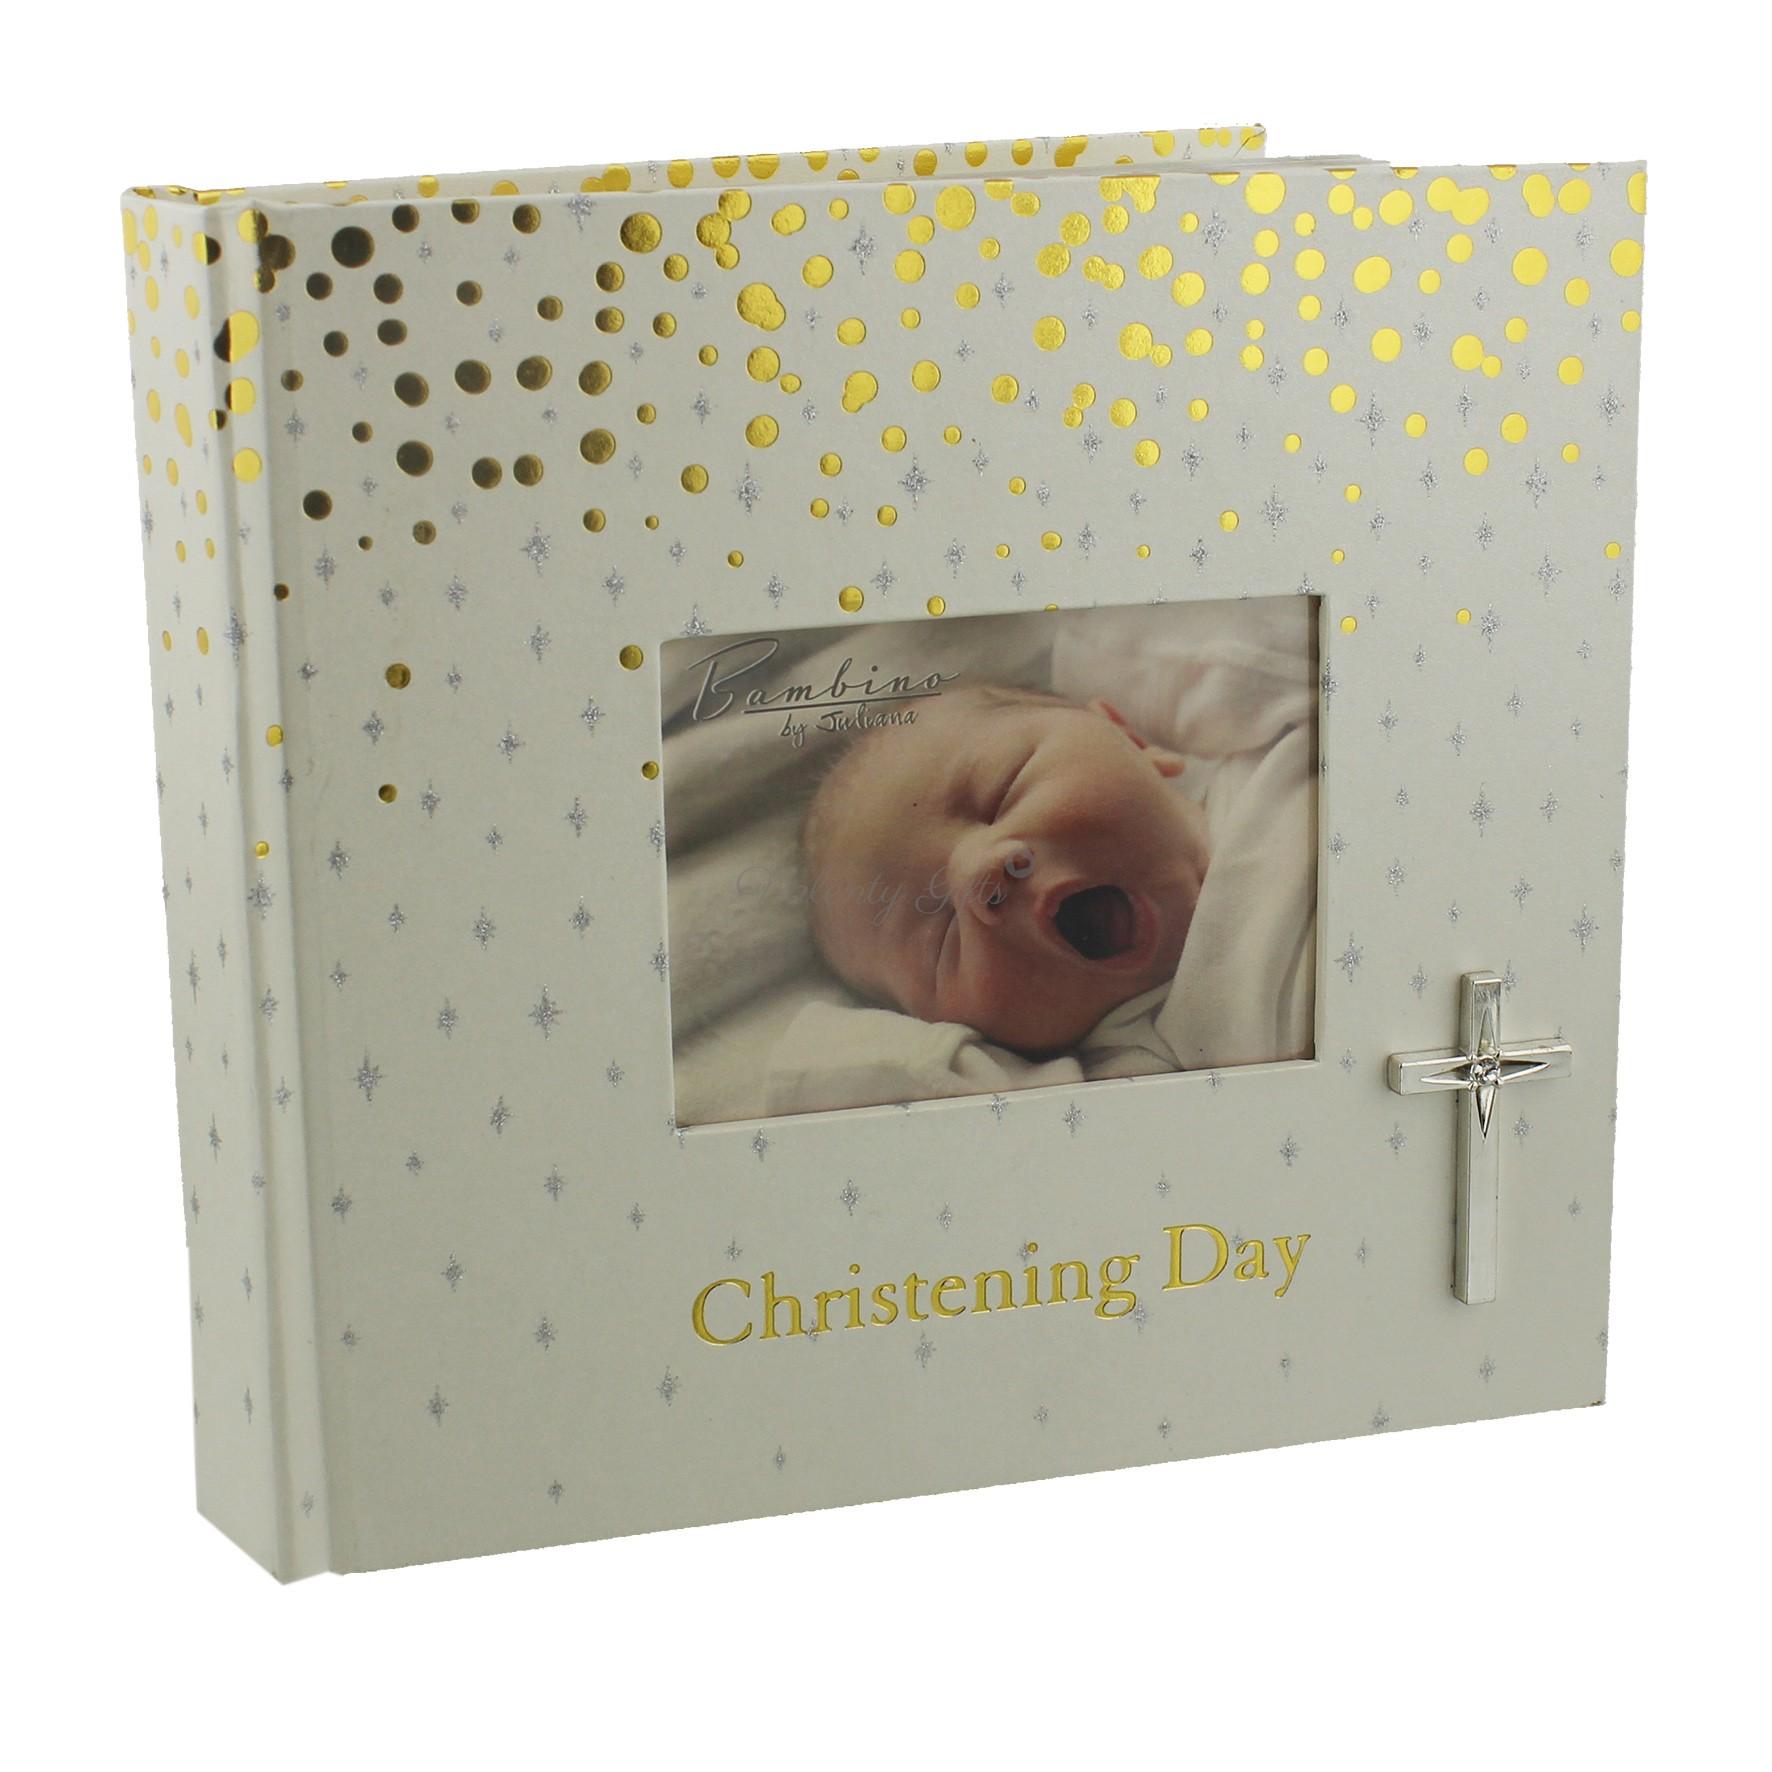 Албум за снимки от кръщене с кръстче и златист надпис